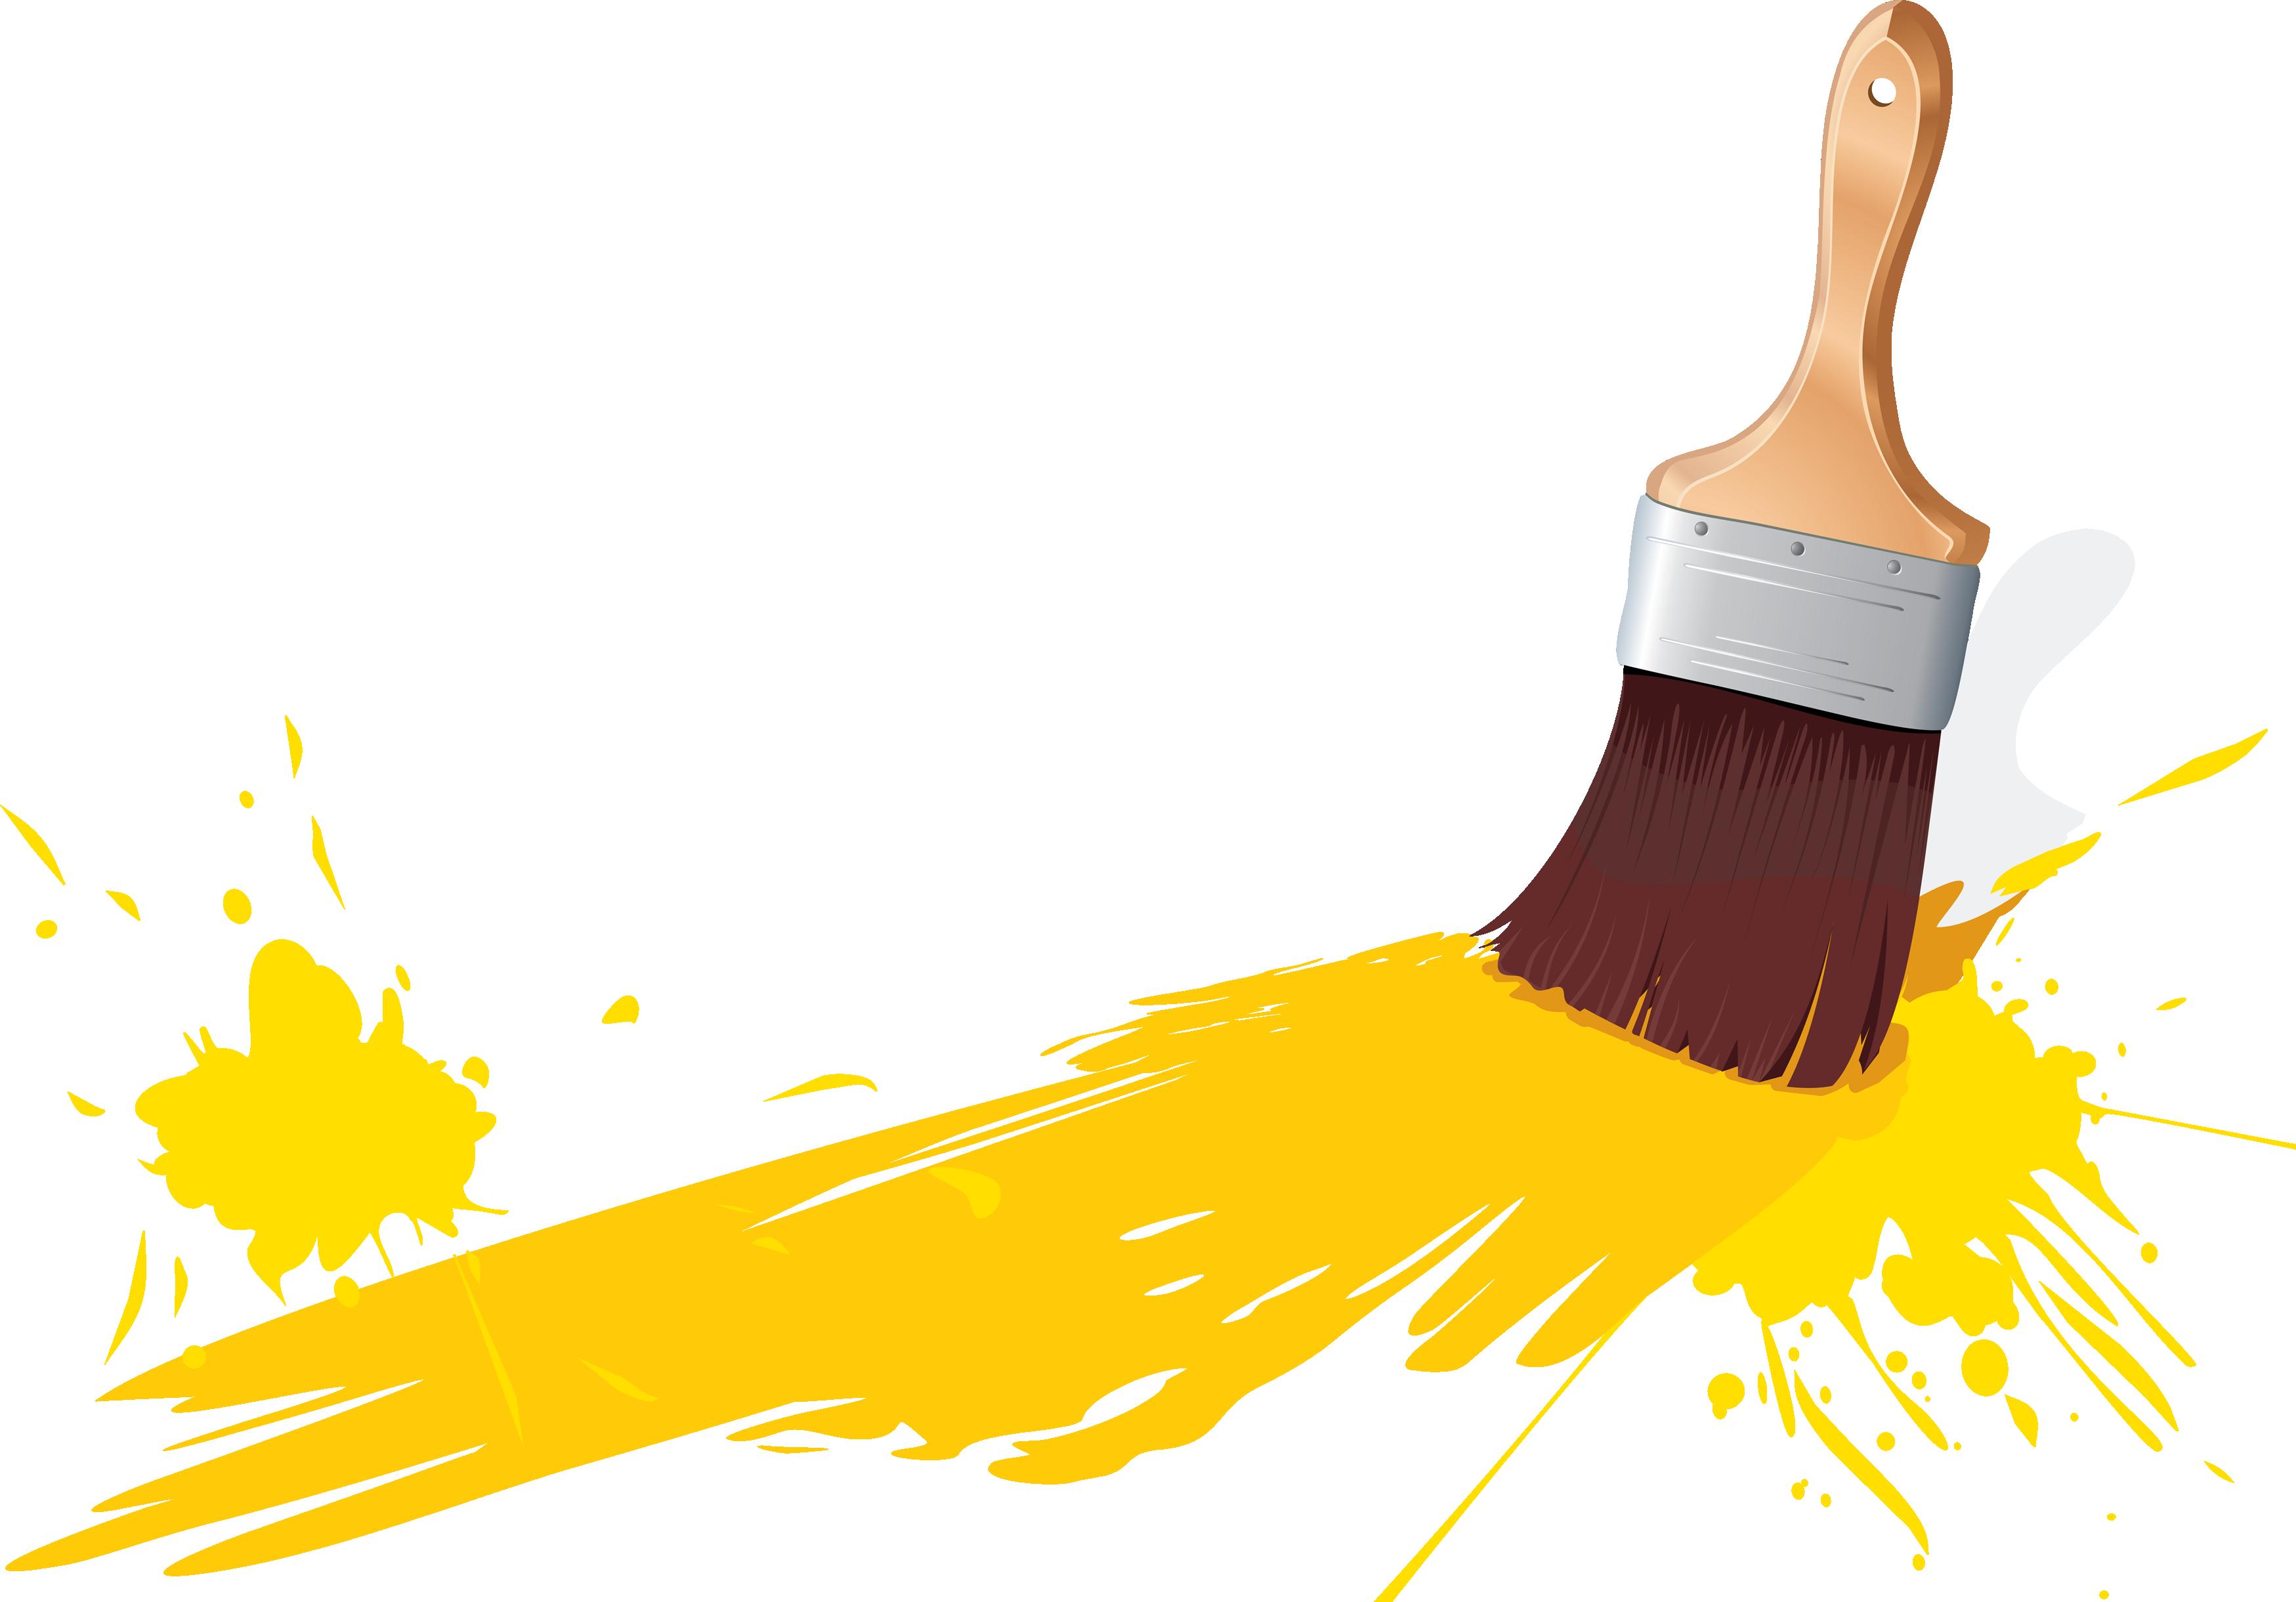 3498x2441 Paint Brush Png Transparent Paint Brush.png Images. Pluspng